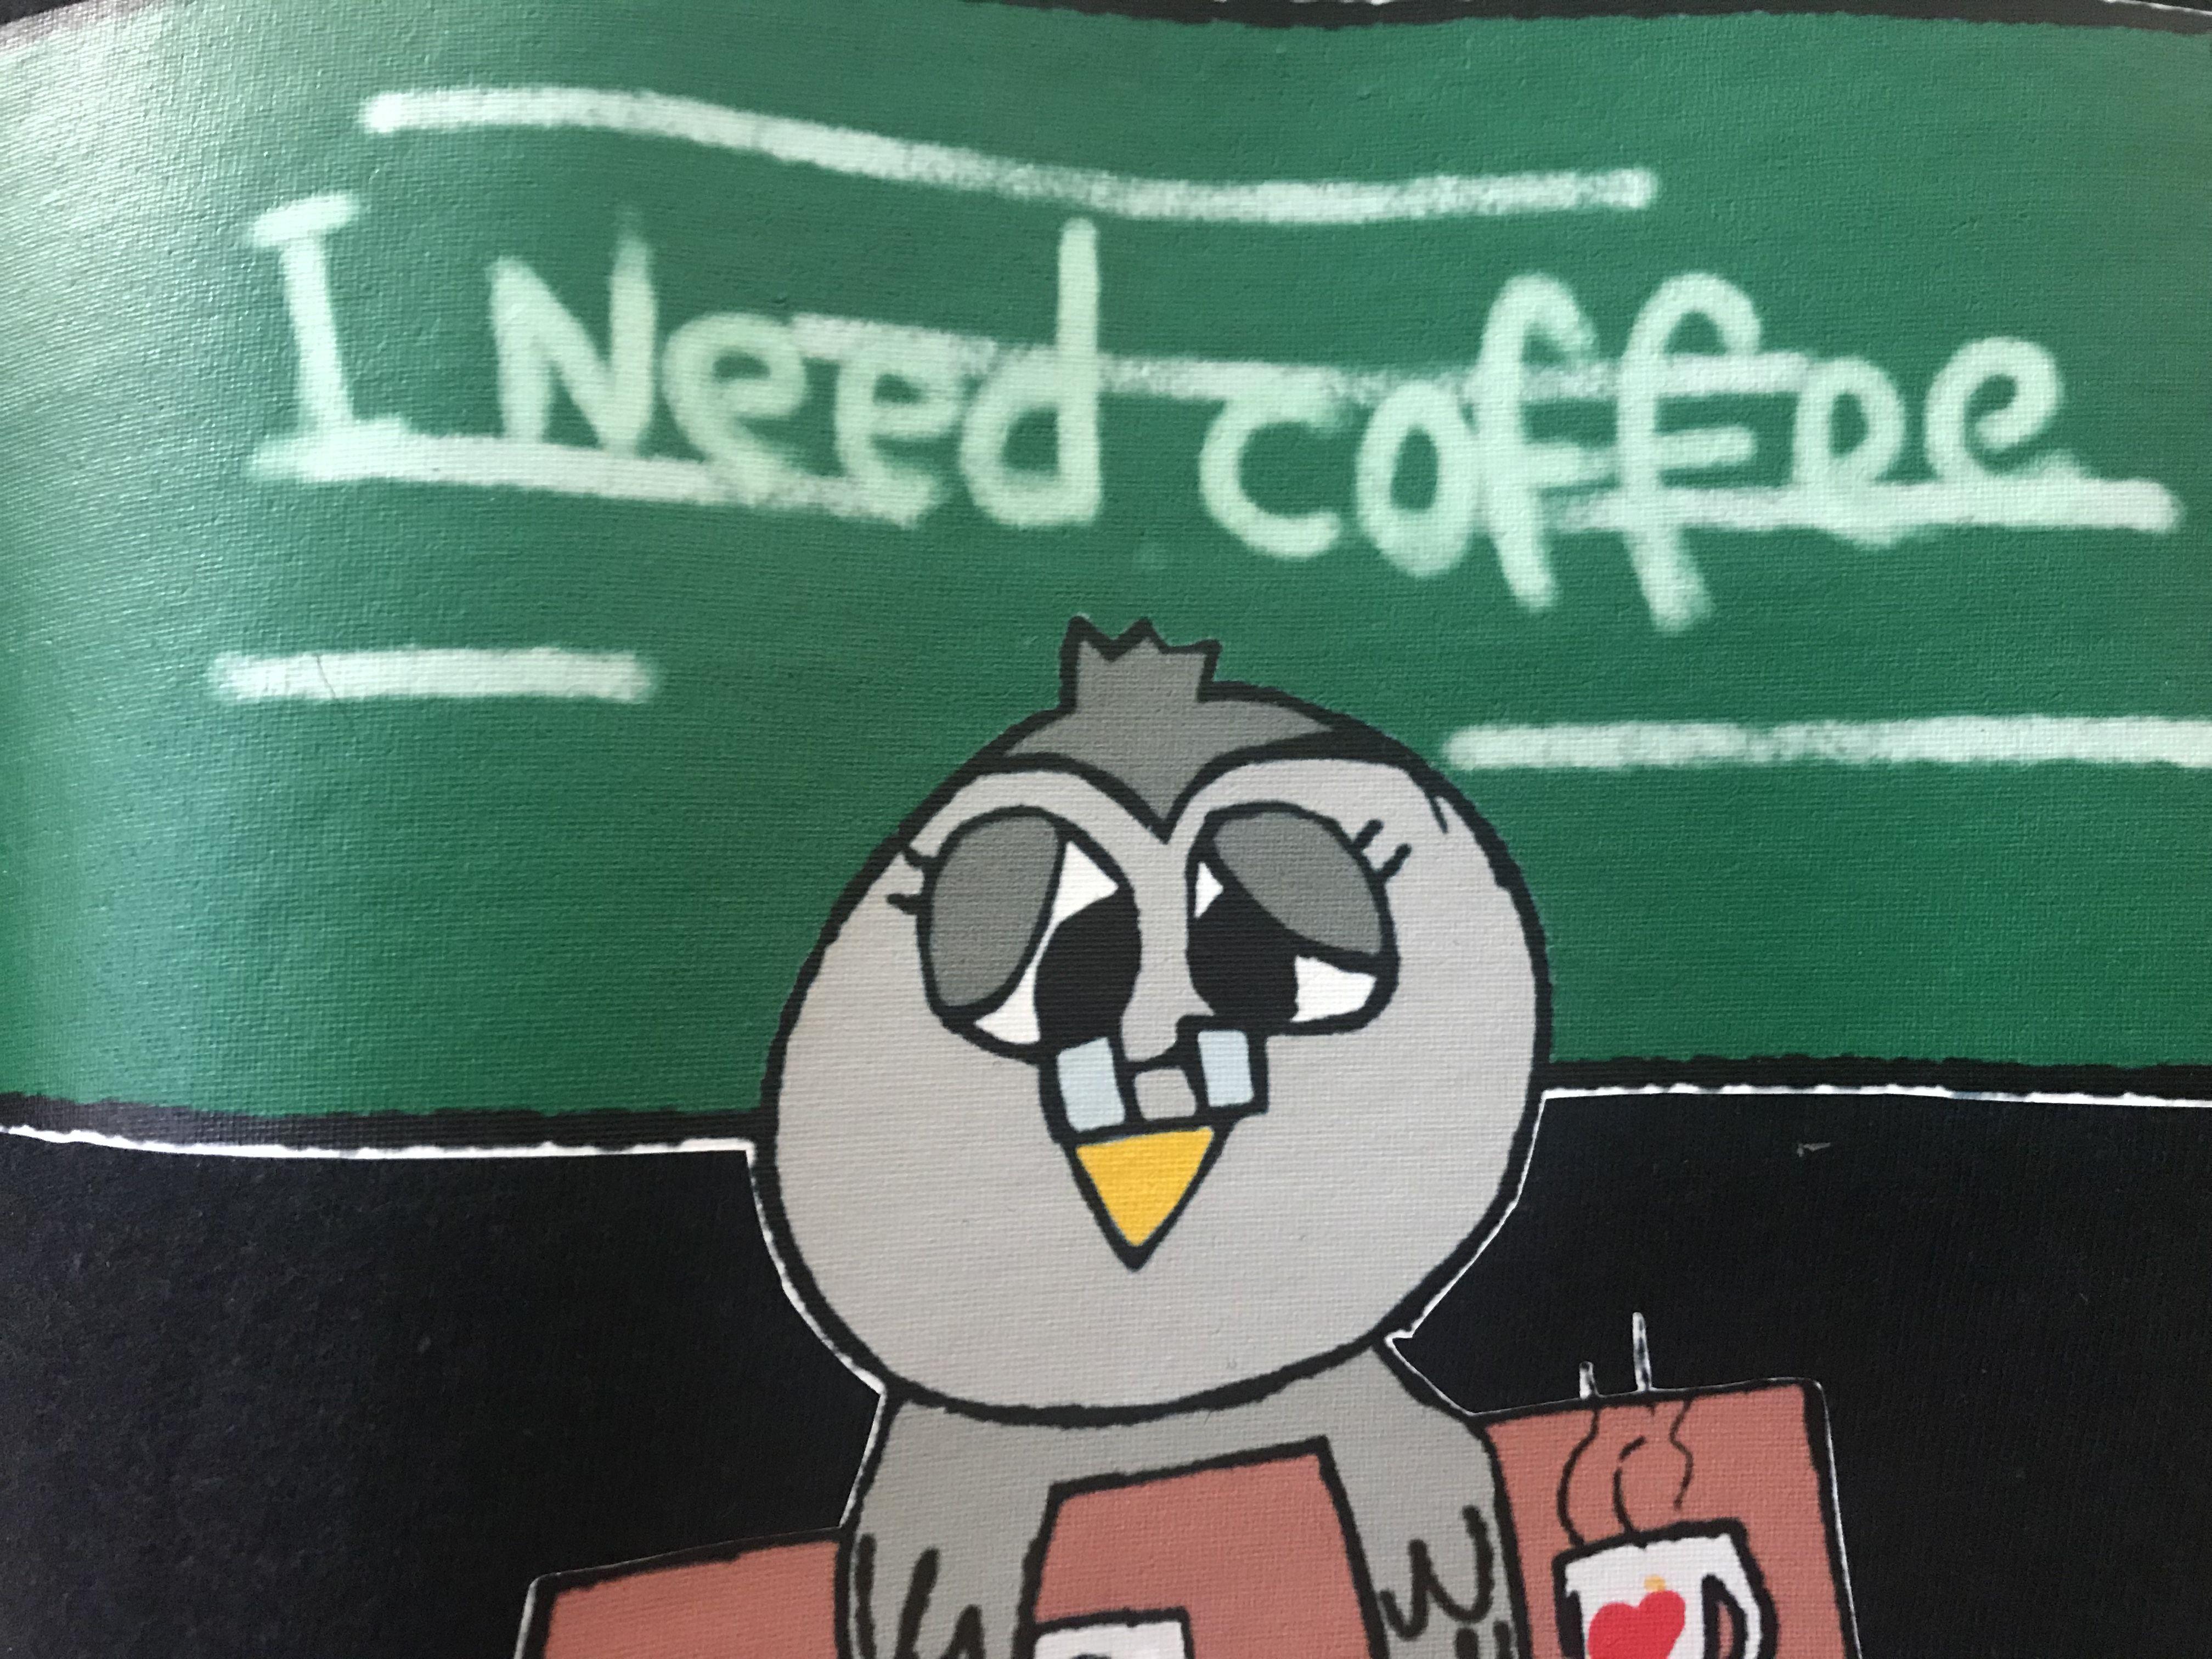 backtoschool teacher school coffee owlteacher tired